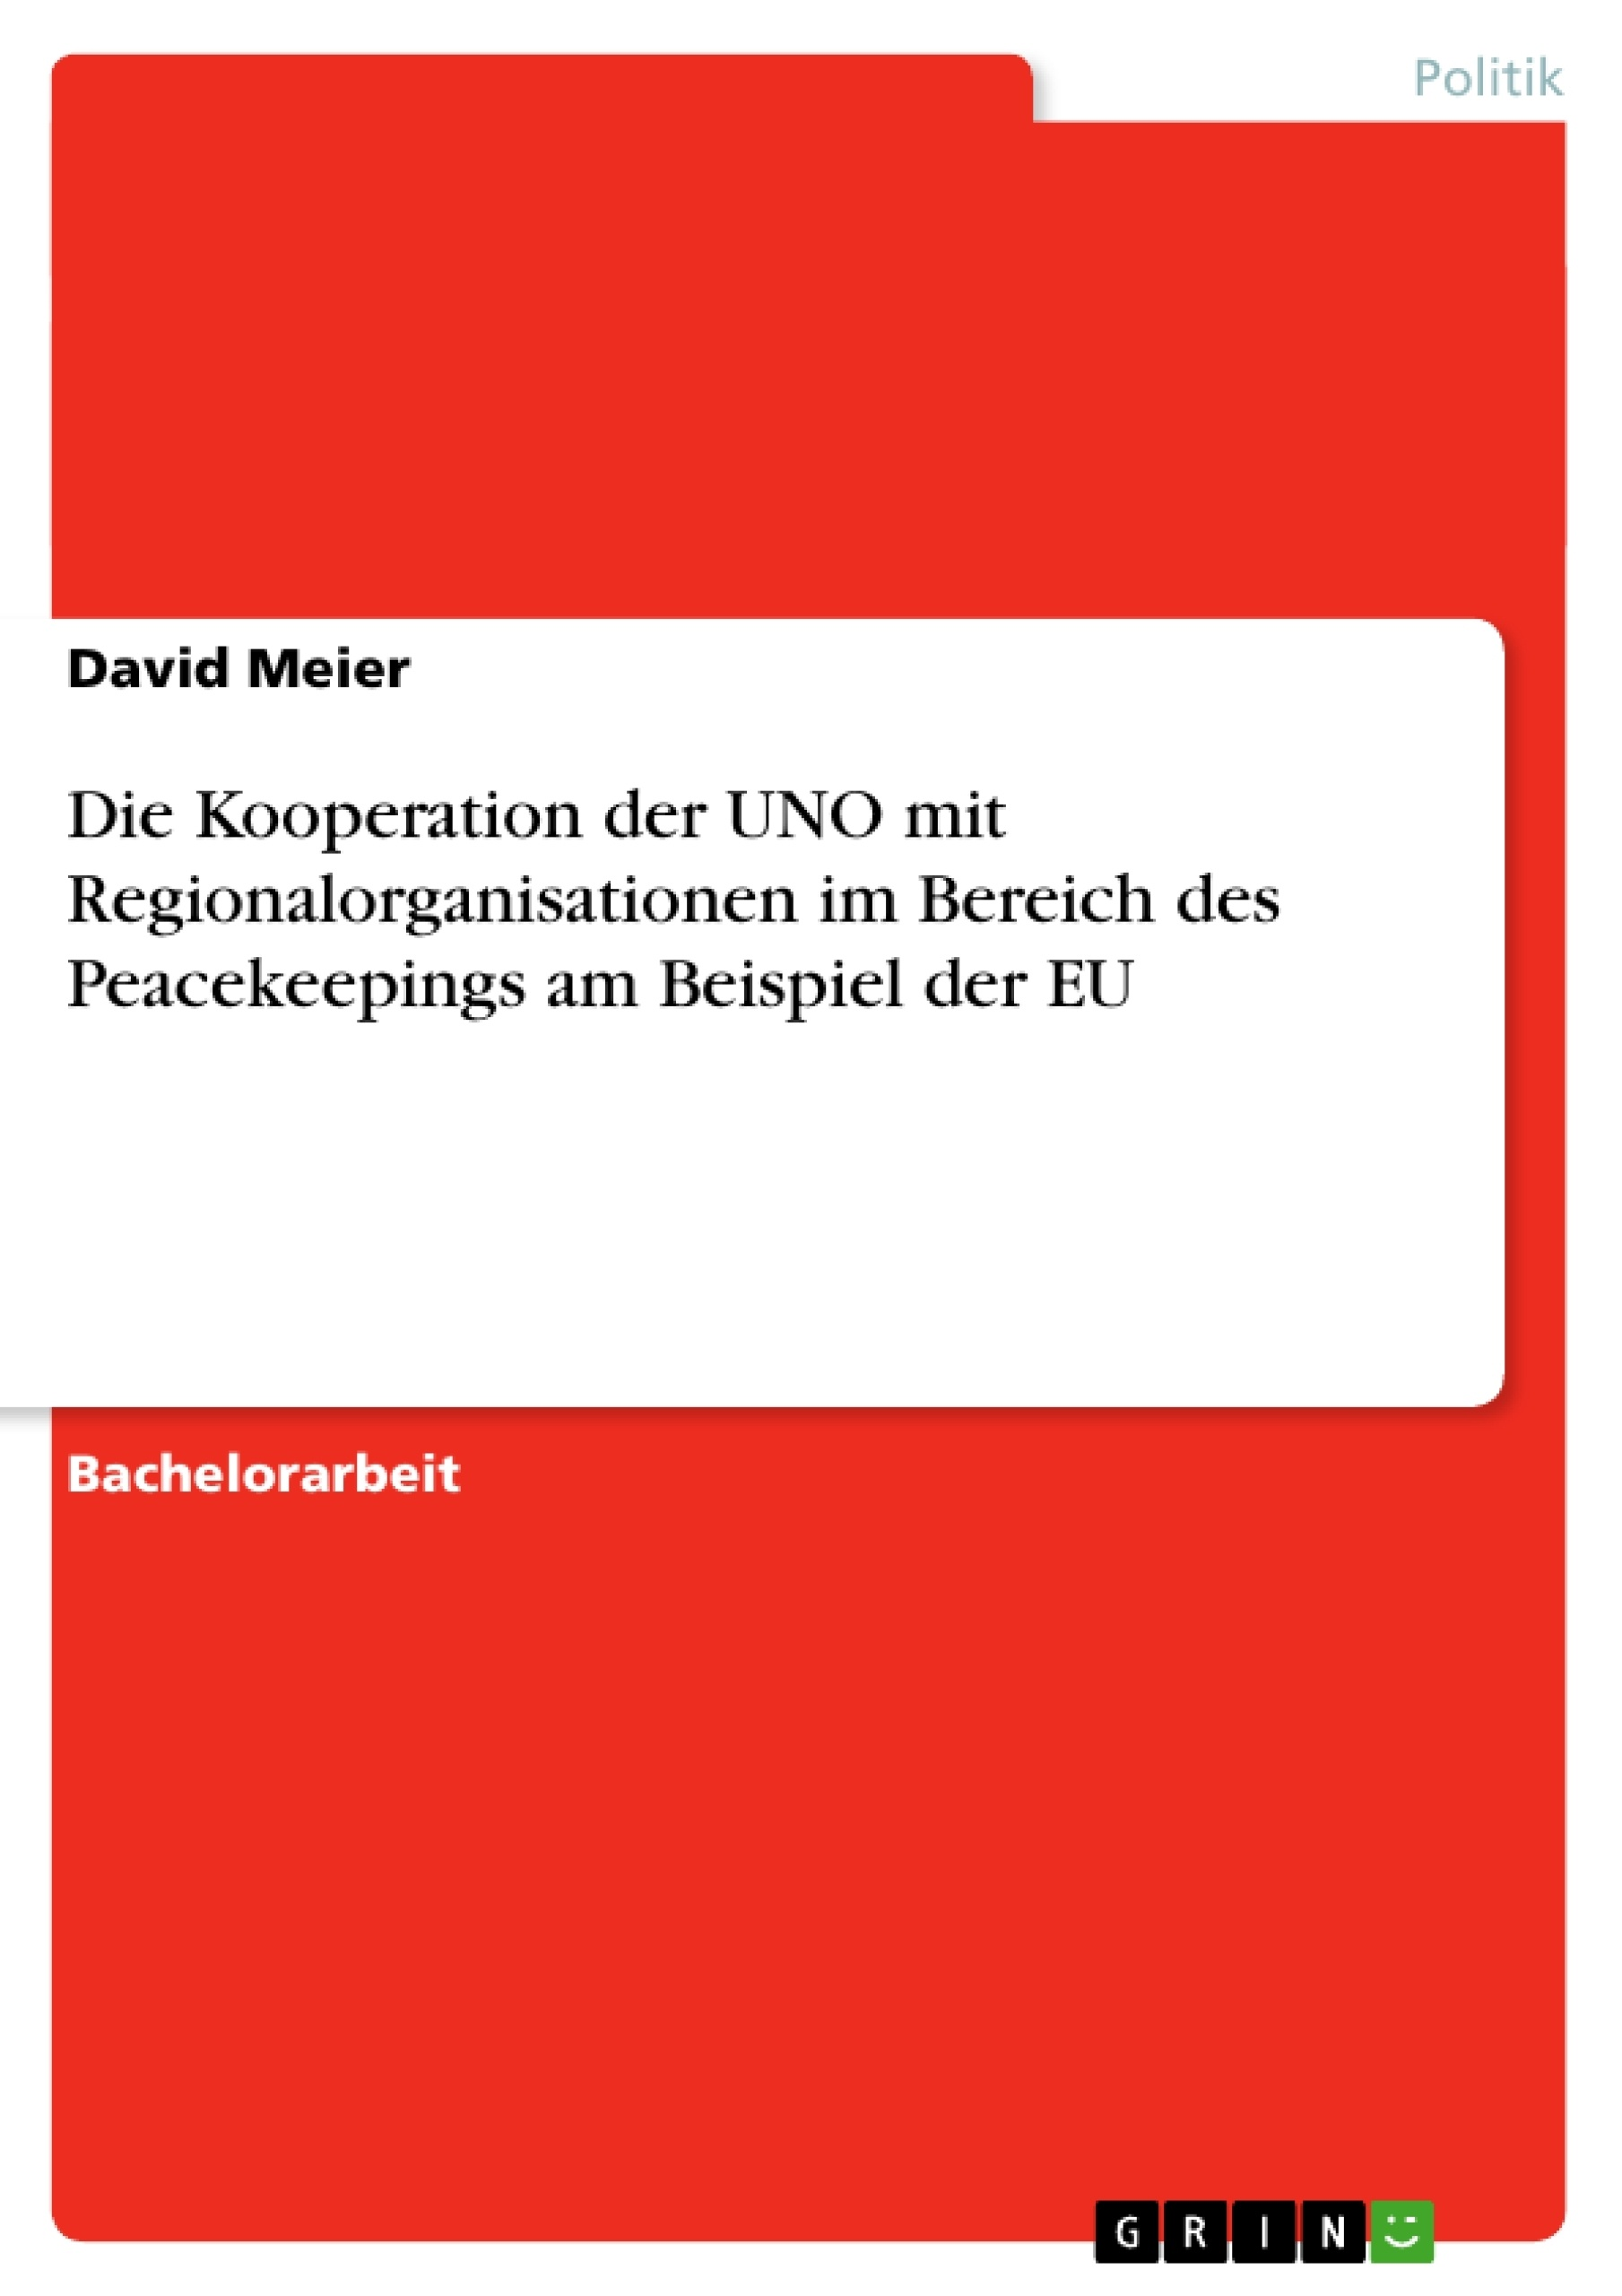 Titel: Die Kooperation der UNO mit Regionalorganisationen im Bereich des Peacekeepings am Beispiel der EU